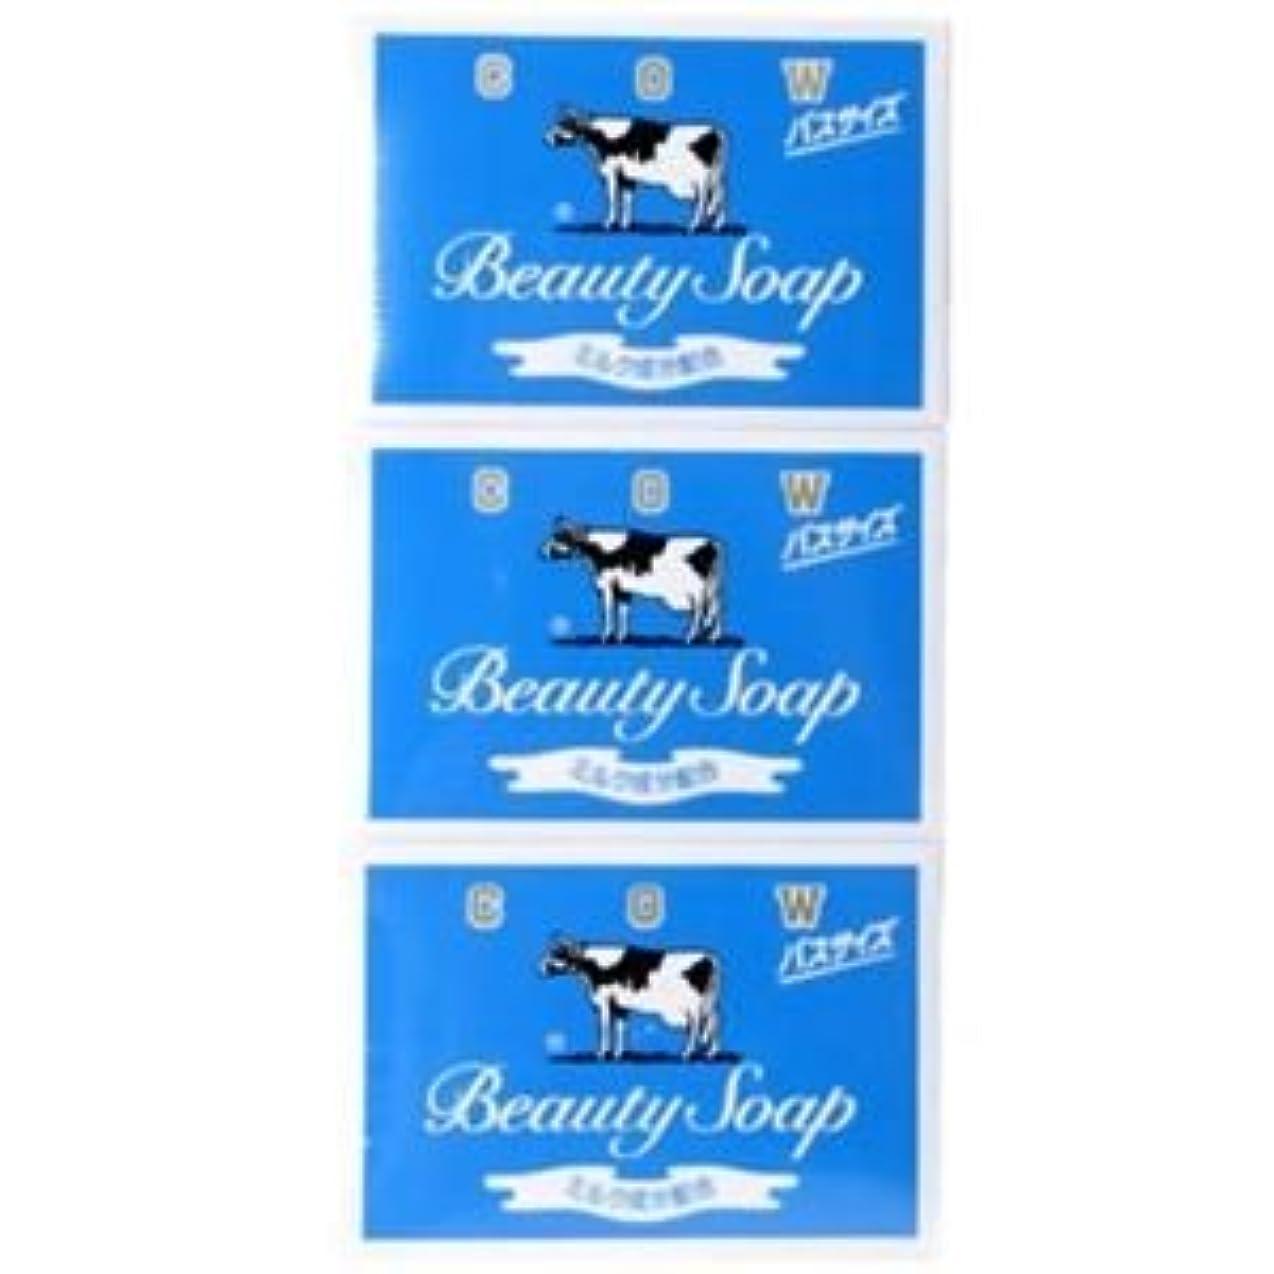 別れる忙しいメトロポリタンカウブランド 牛乳石鹸 青箱 バスサイズ 135g×3個入 10セット